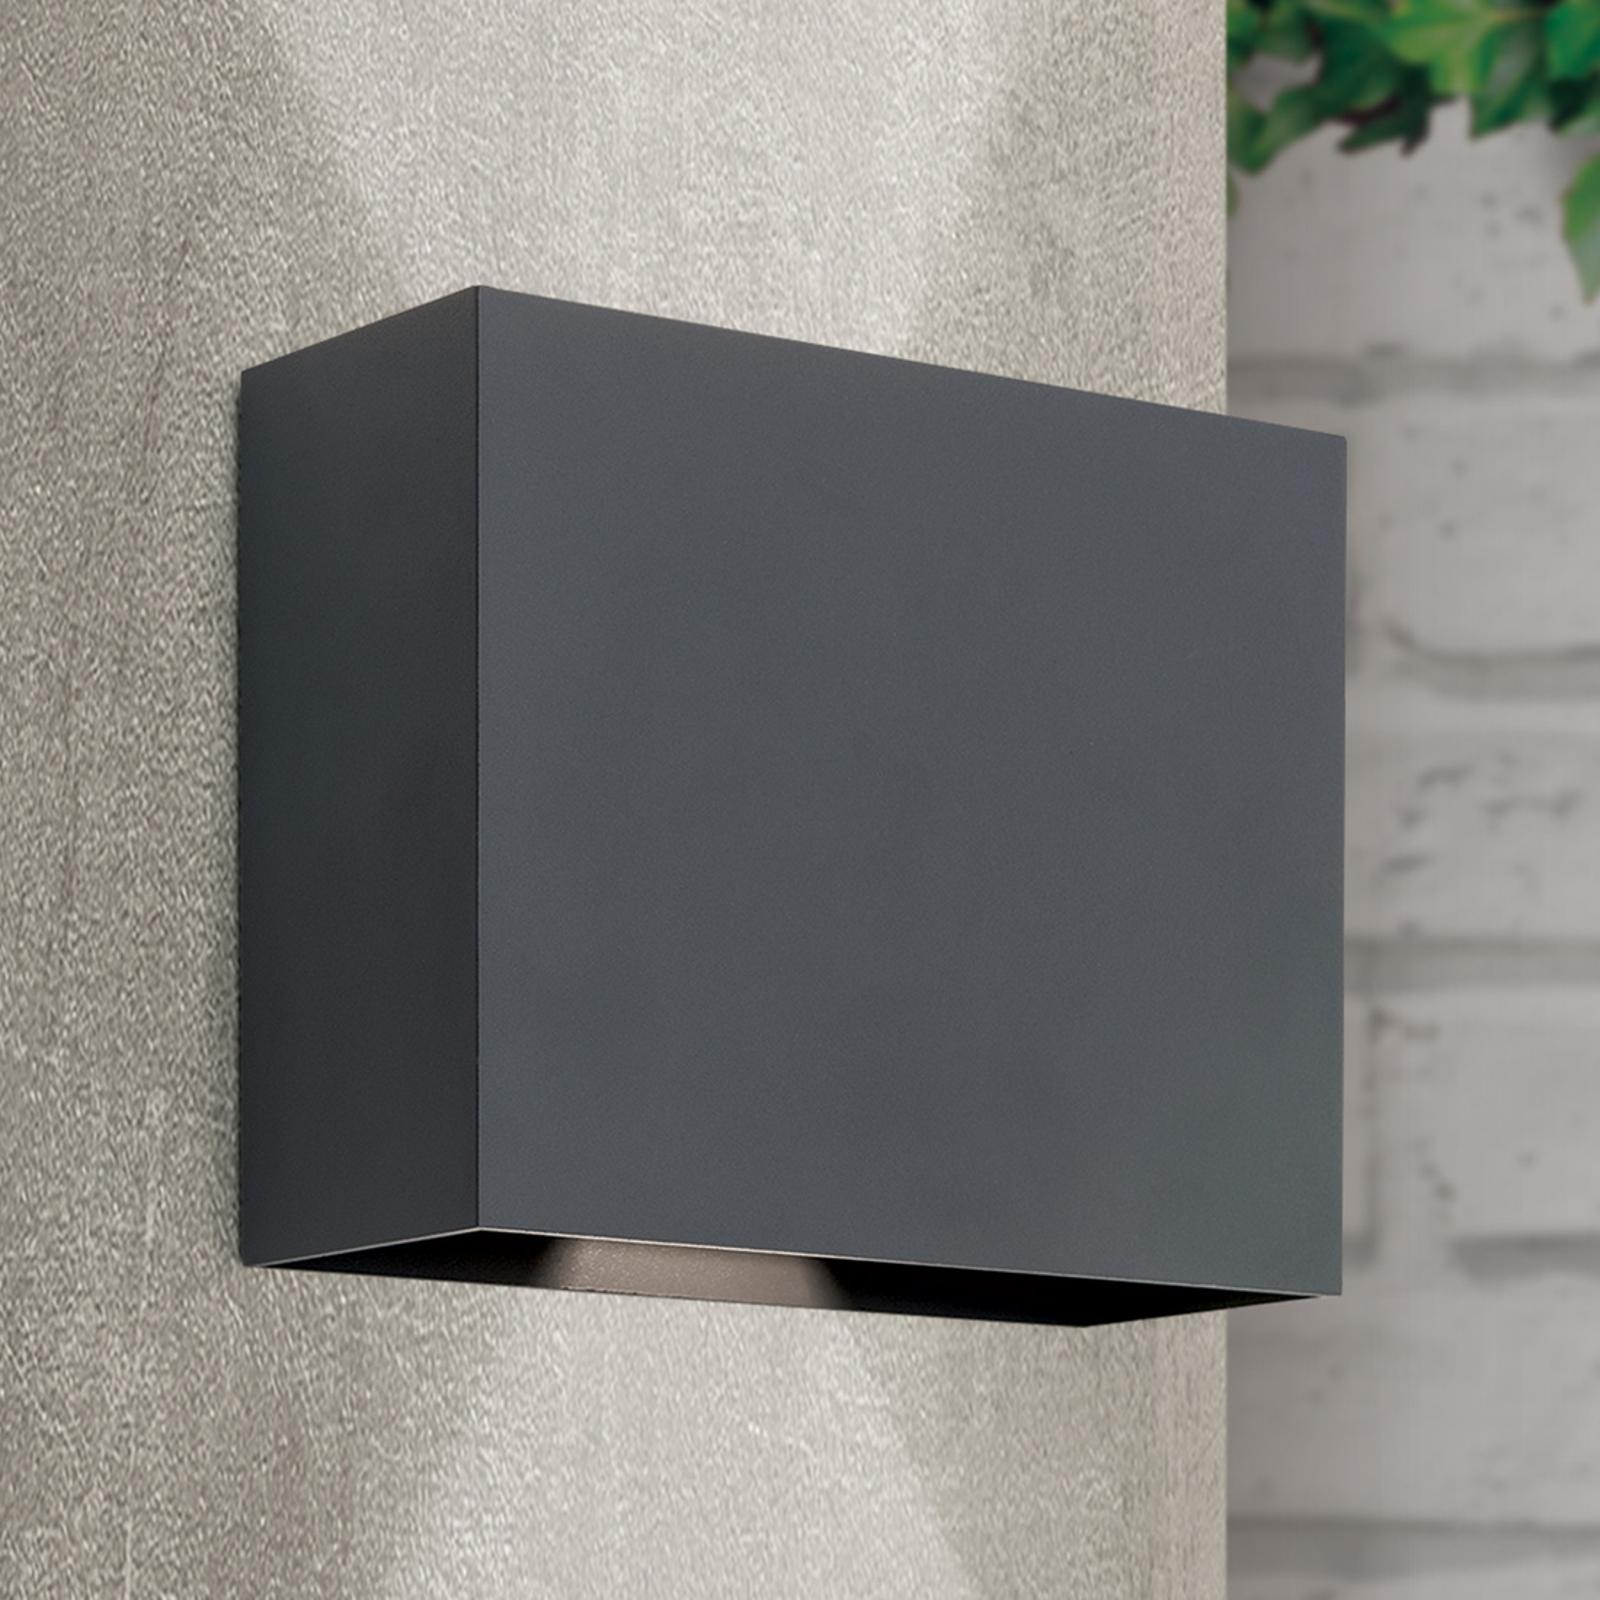 Applique d'extérieur LED Accent, réglable